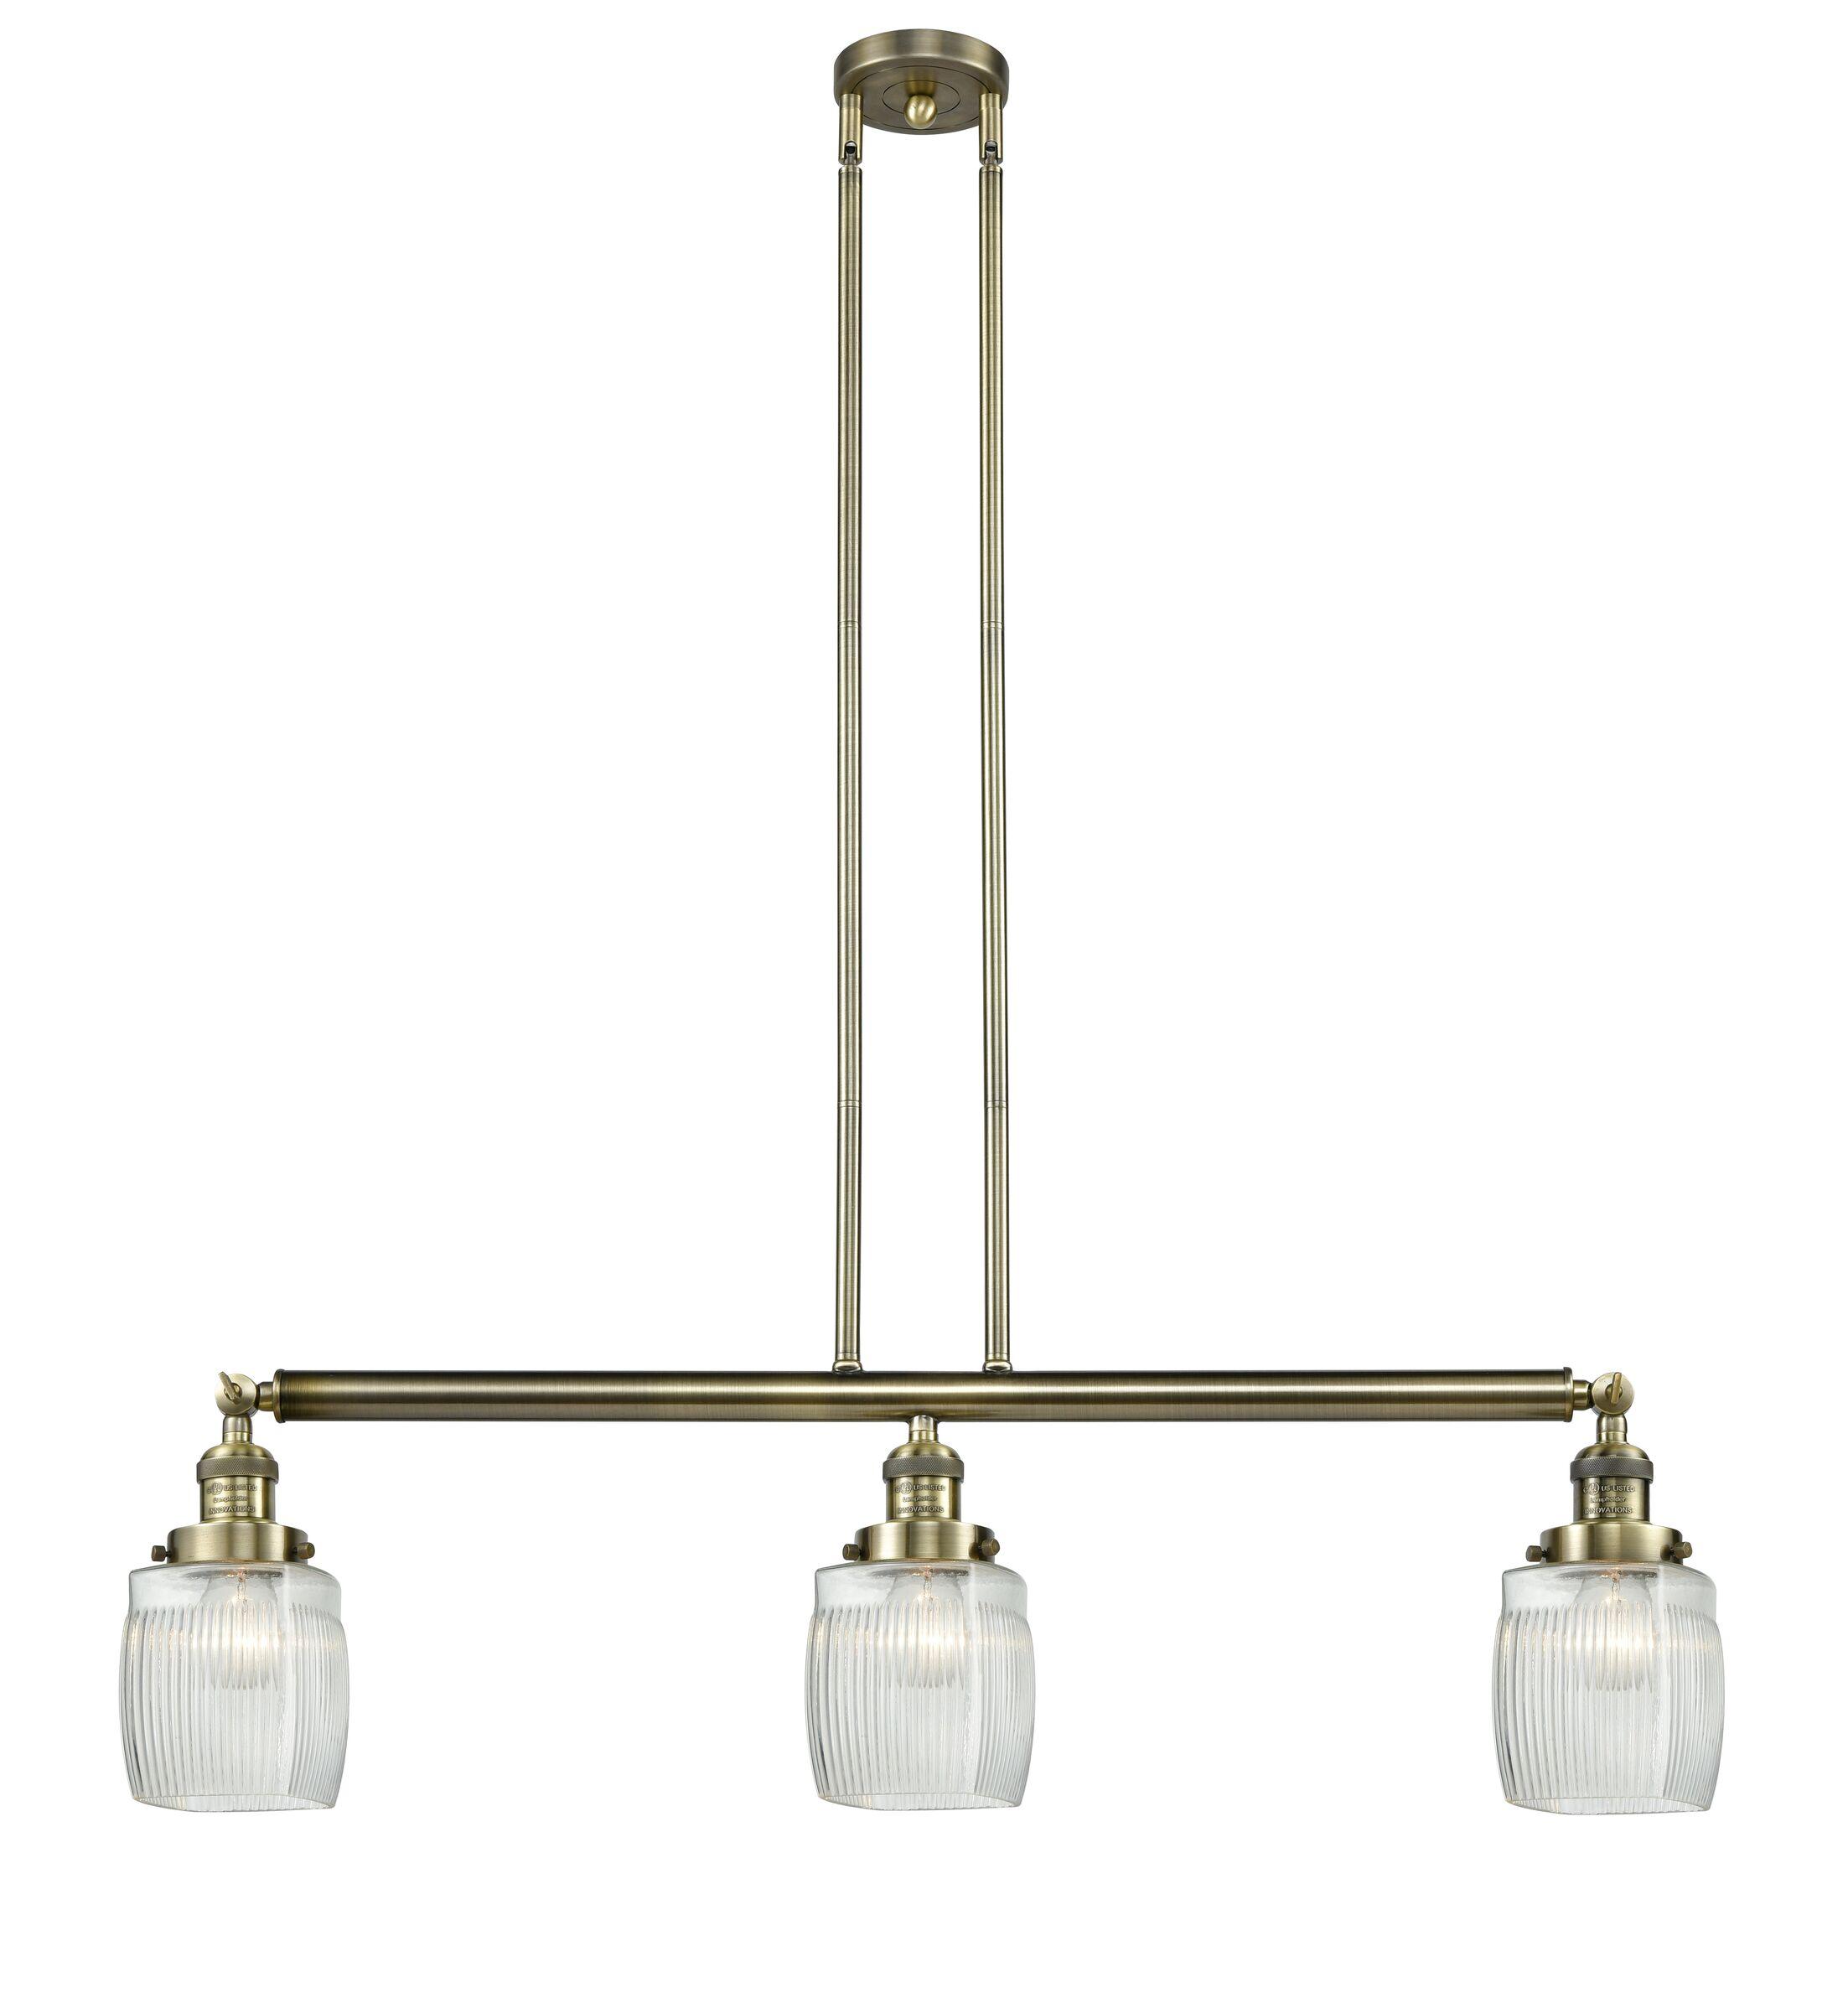 Mireya 3-Light Kitchen Island Pendant Bulb Type: LED, Finish: Black Brushed Brass